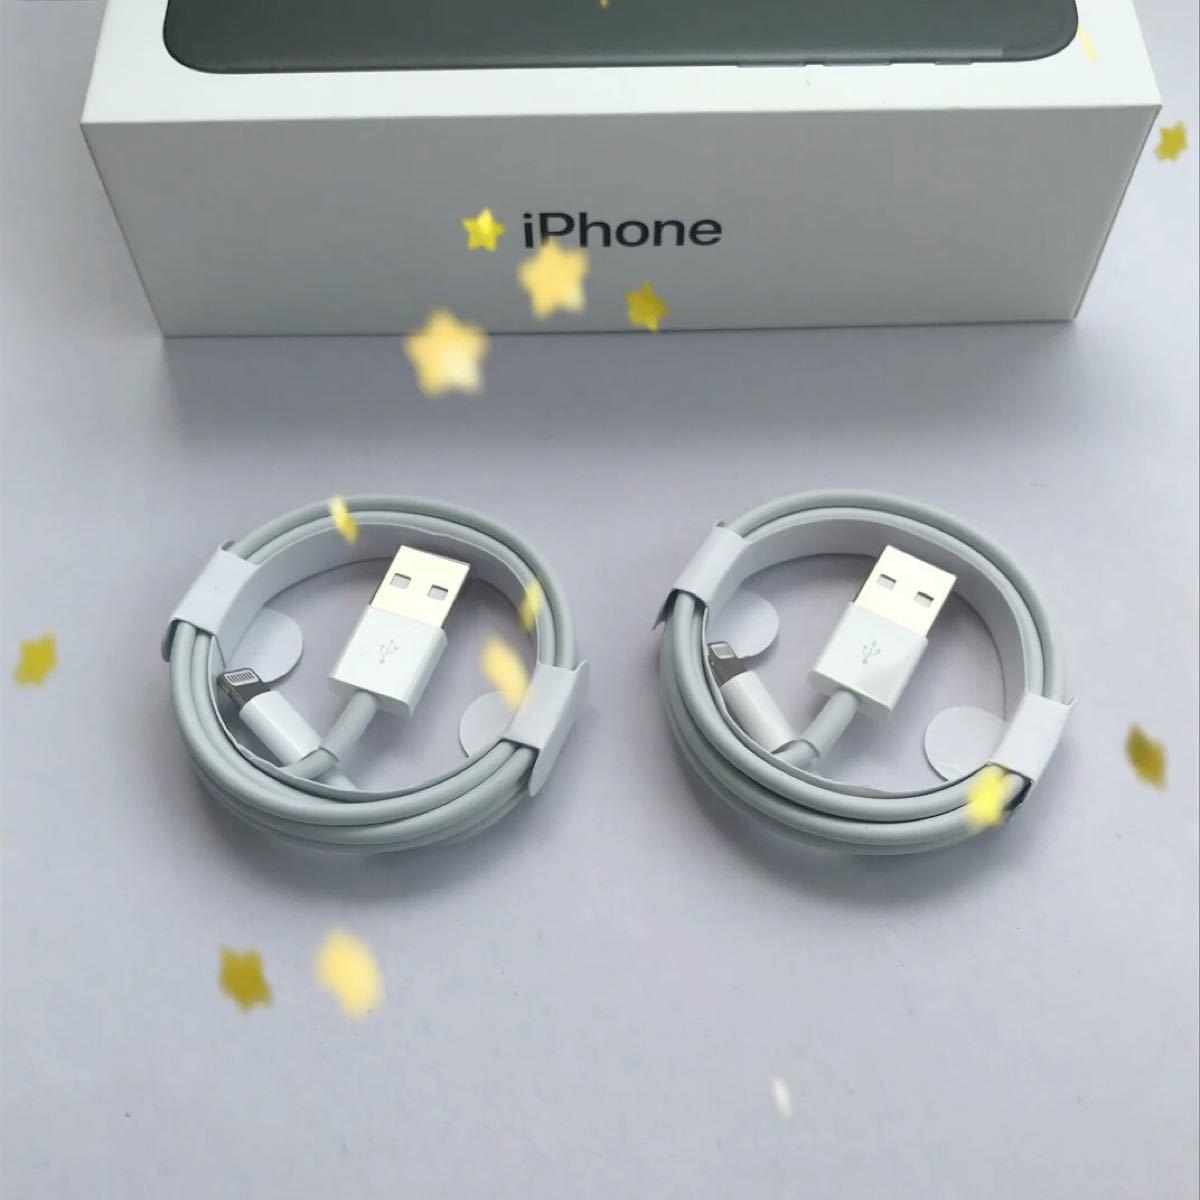 iPhone 充電器 充電ケーブル コード lightning cable 2本セット ライトニングケーブル 電源 スマホ USB